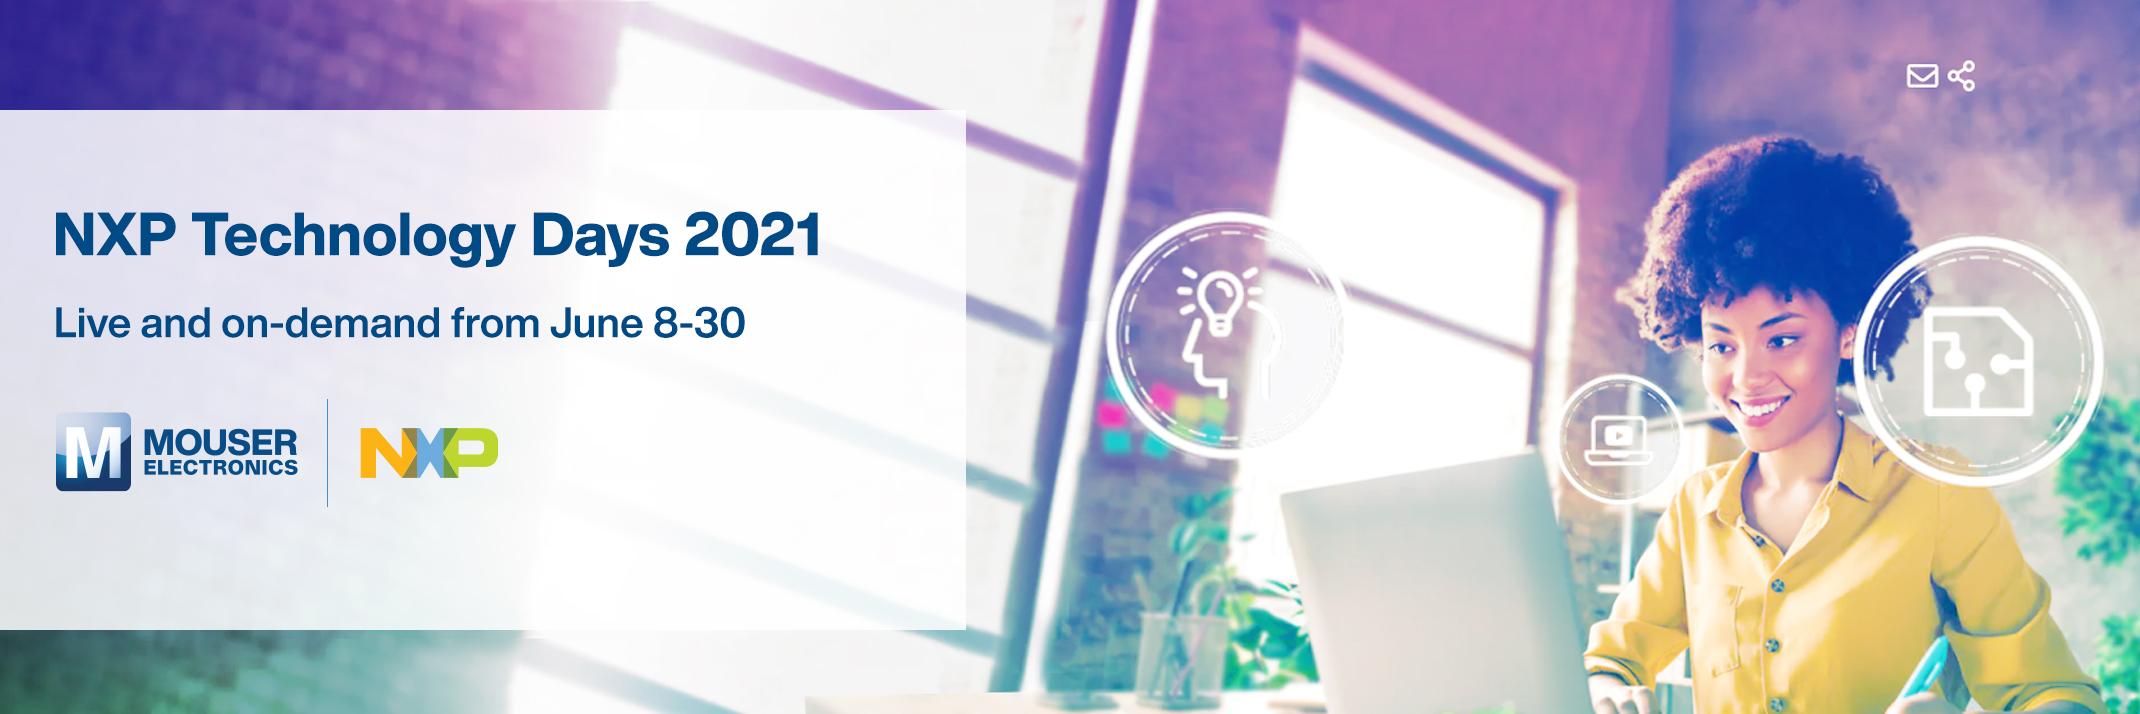 贸泽电子赞助2021恩智浦技术日 为你解读汽车、连接与边缘计算设计解决方案